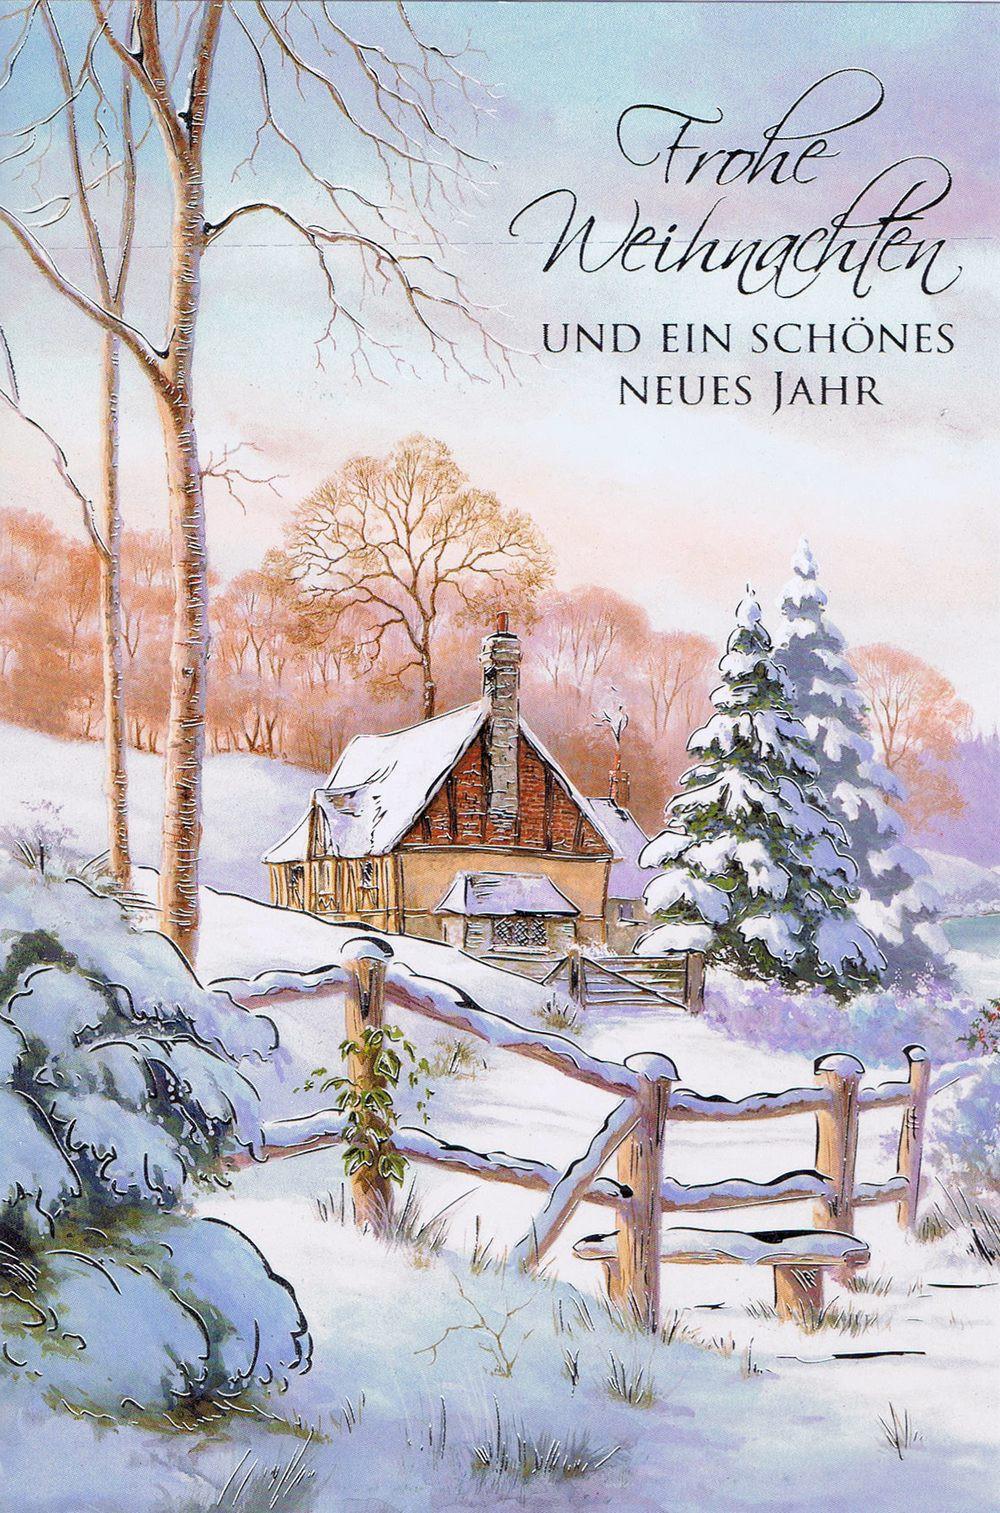 Weihnachtsbilder Mit Text.Weihnachtskarte Mit Idyllischen Weihnachtsbild 224296 Details In Silberfolienprägung